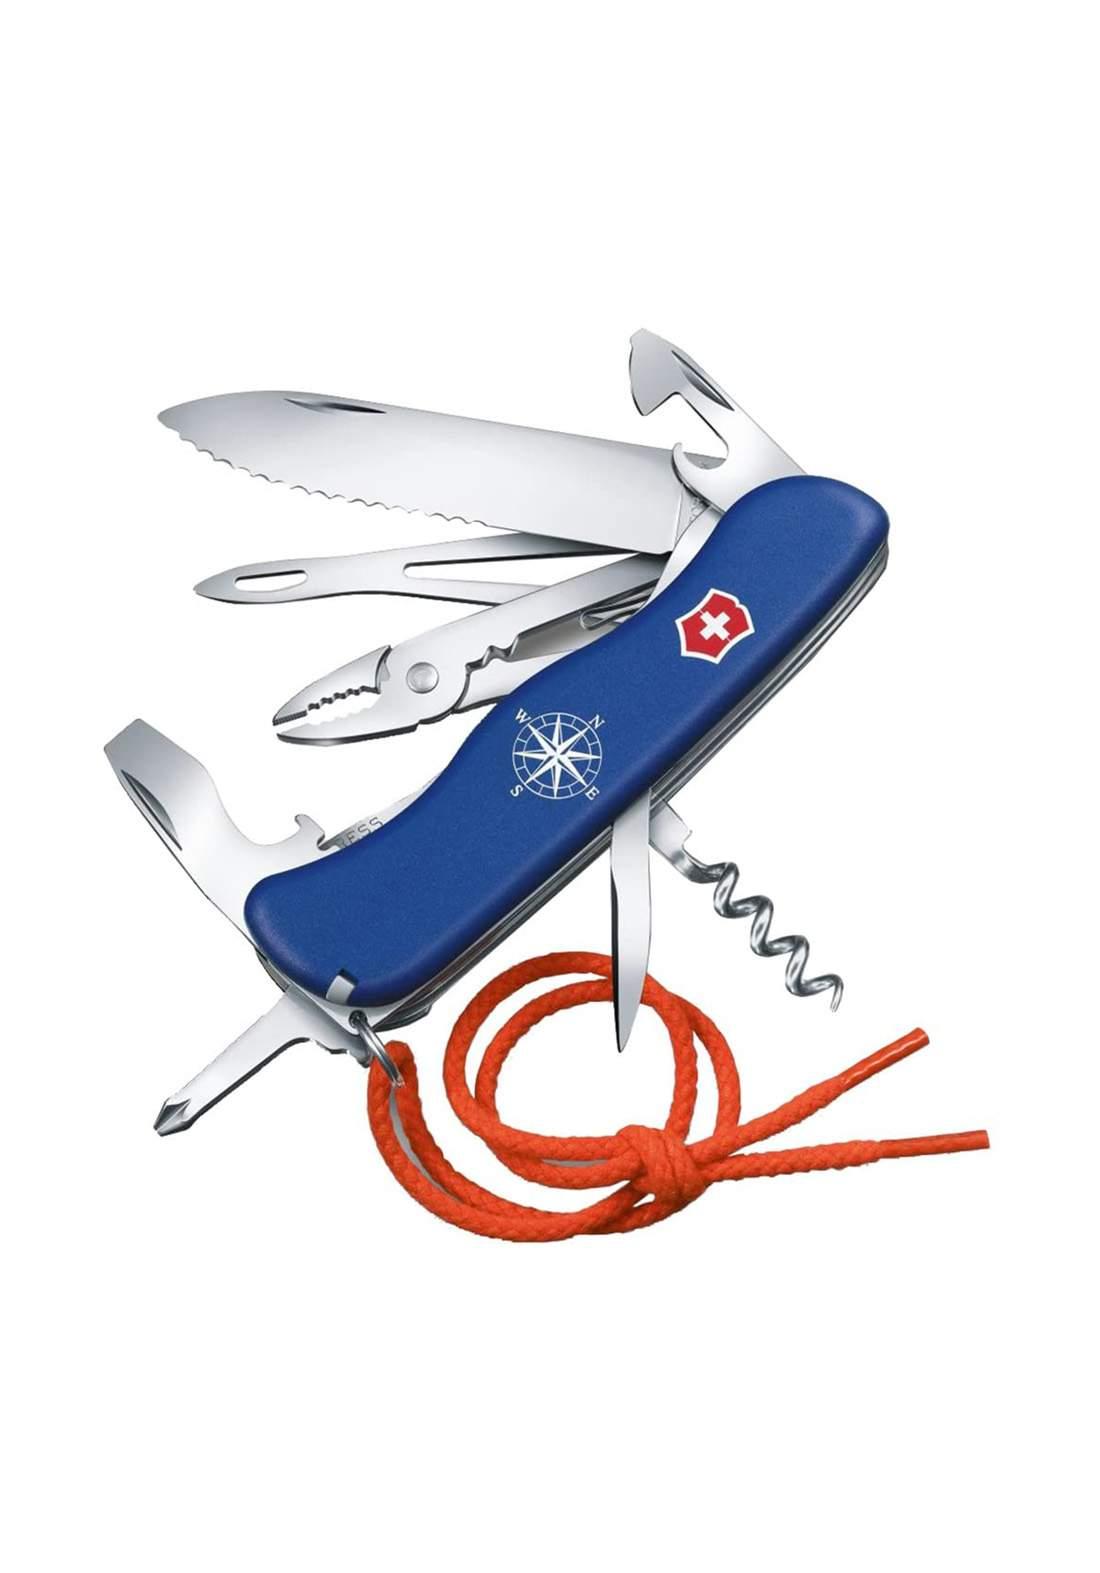 Victorinox V08593.2W Pocket Knife سكين جيب بلون ازرق